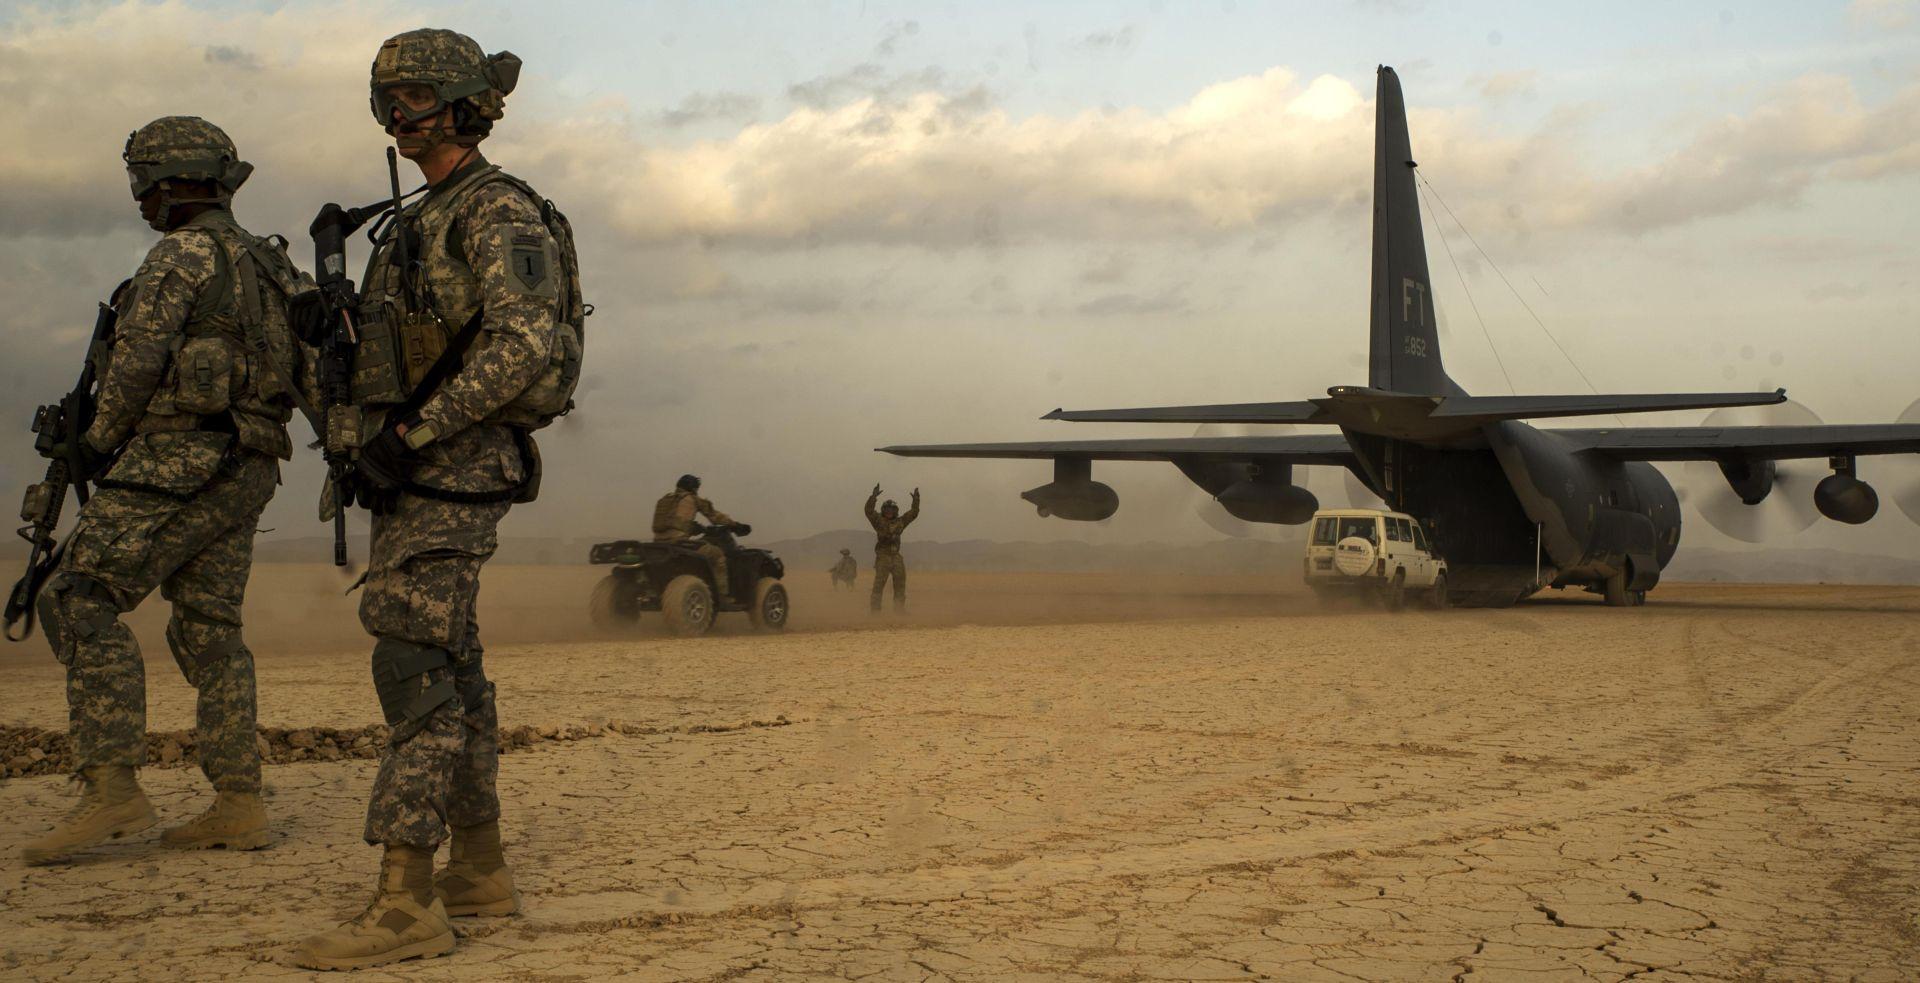 Yabancı ülkeler Cibuti'de askeri üs kurmak için yarışıyor